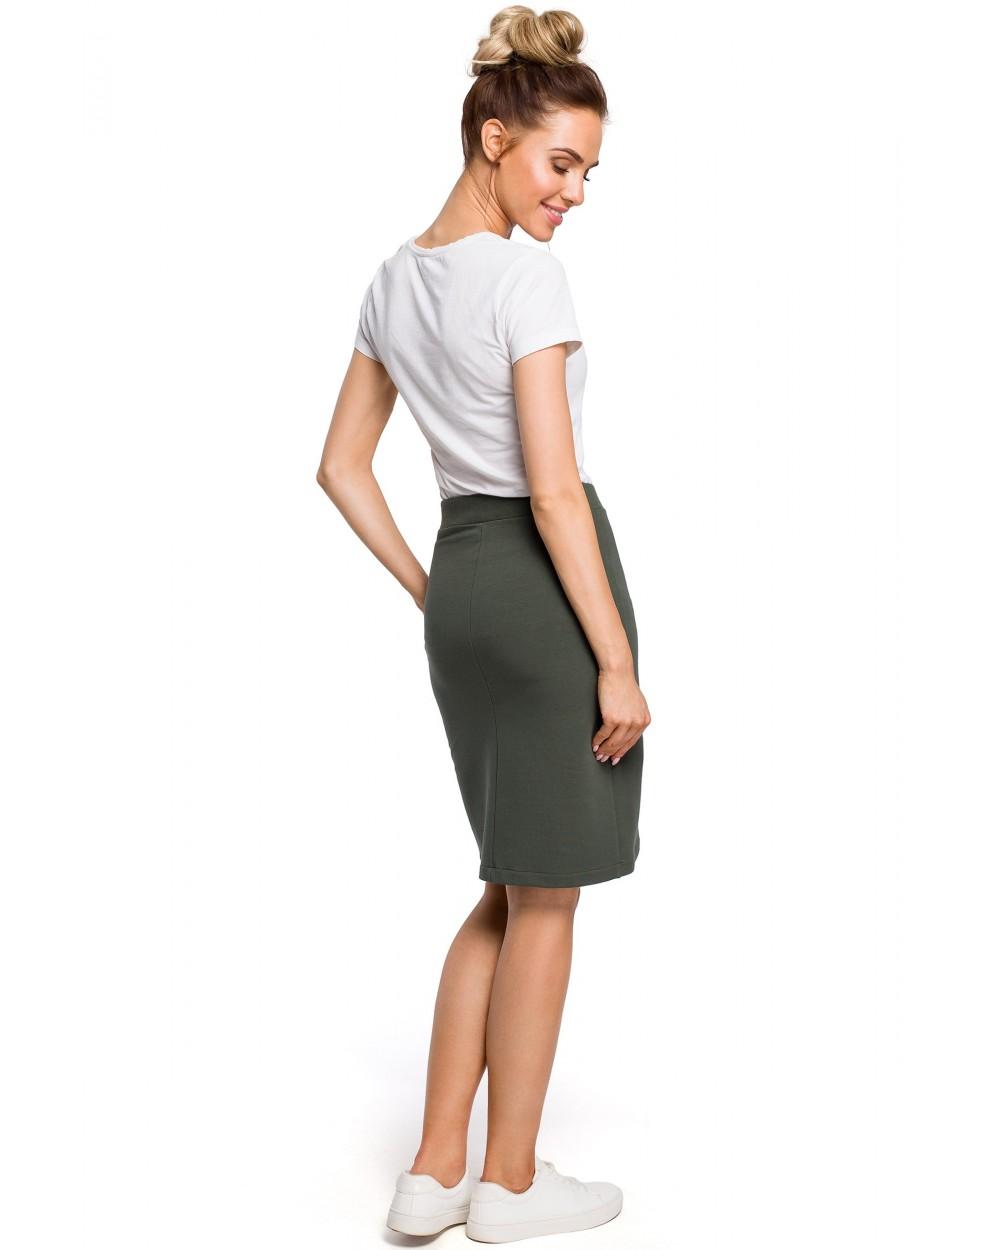 0574e92d7575e6 Spódnica damska khaki w stylu sportowym dresowa sklep internetowy